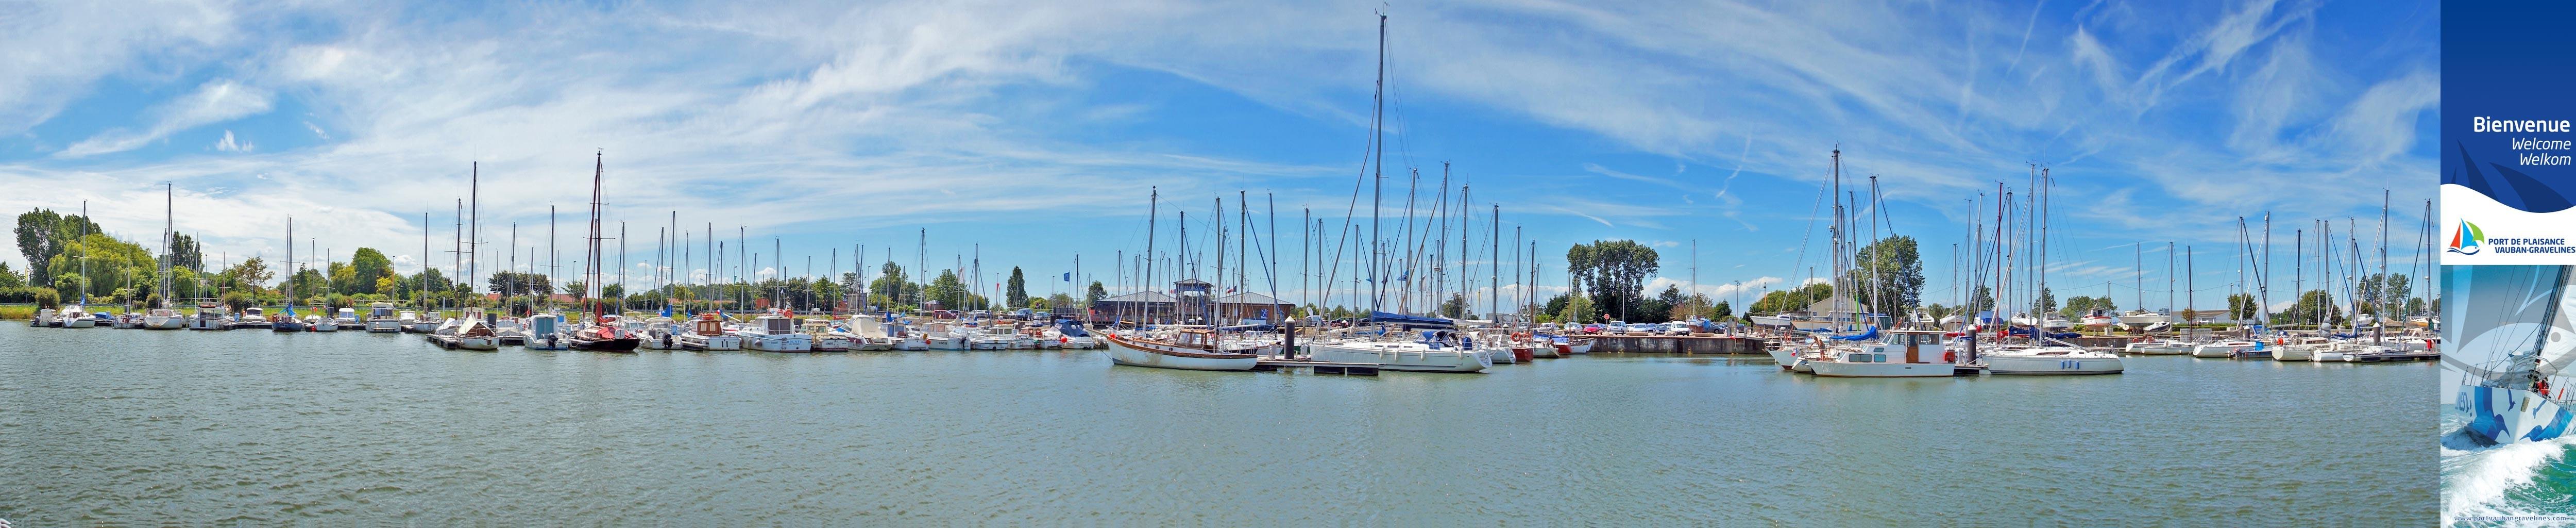 Bienvenue au Port de Plaisance de Gravelines ! Il est ancré à l'abri du vent aux abords du centre ville, au cœur d'un site fortifié par Vauban, appelé « Bassin Vauban ».  La Citadelle de Vauban fait du port de plaisance de Gravelines une escale touristique fort prisée.